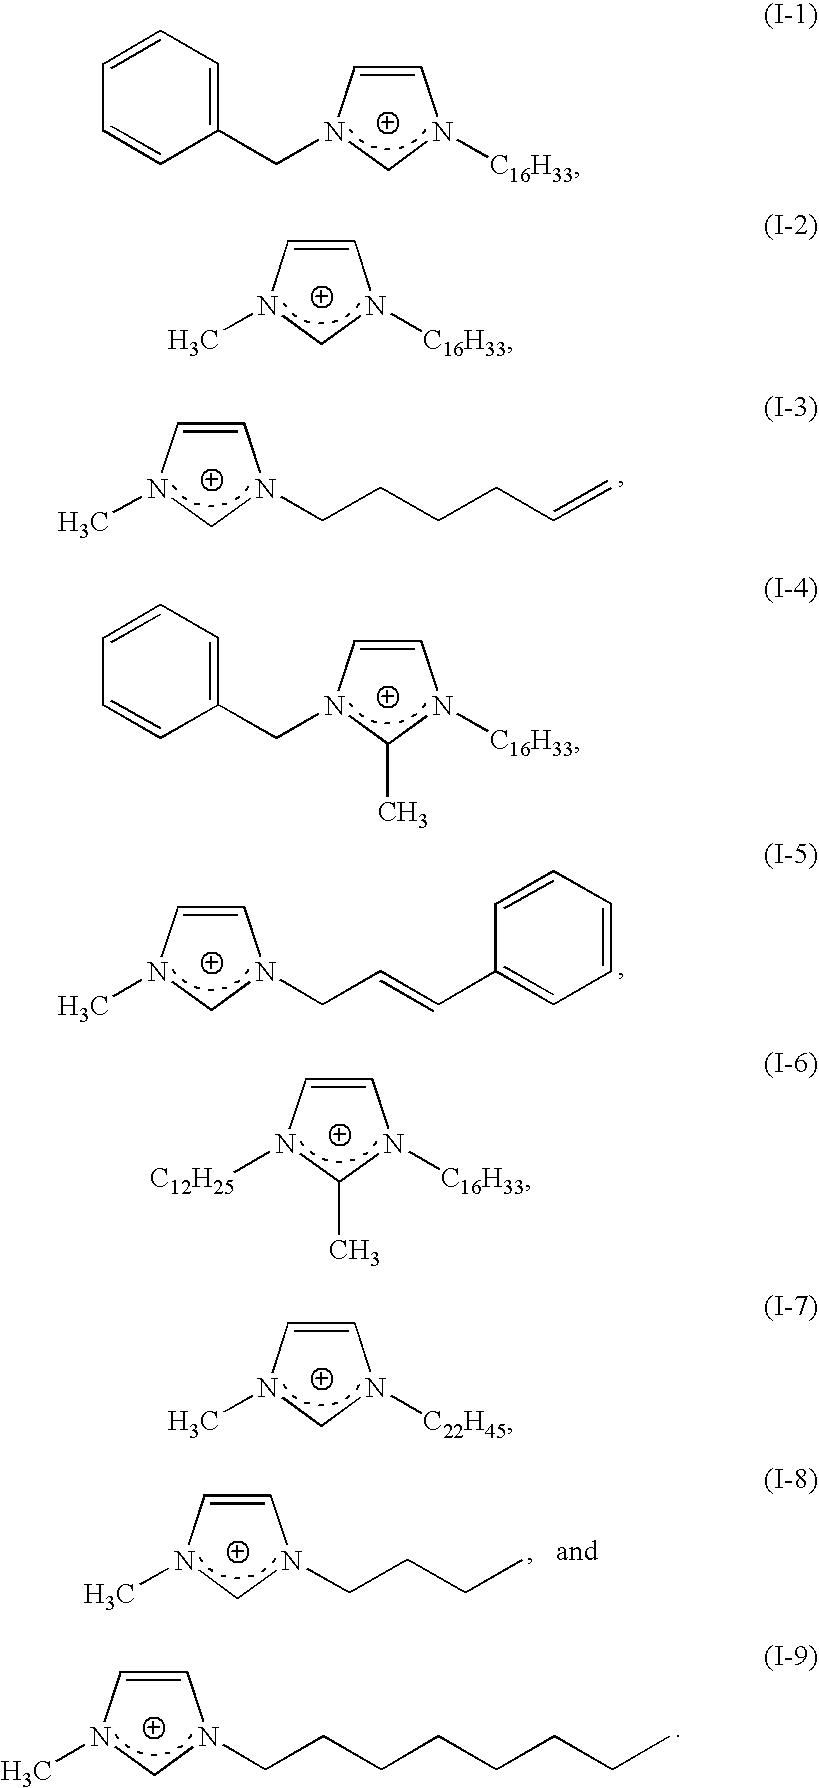 Figure US07601772-20091013-C00003